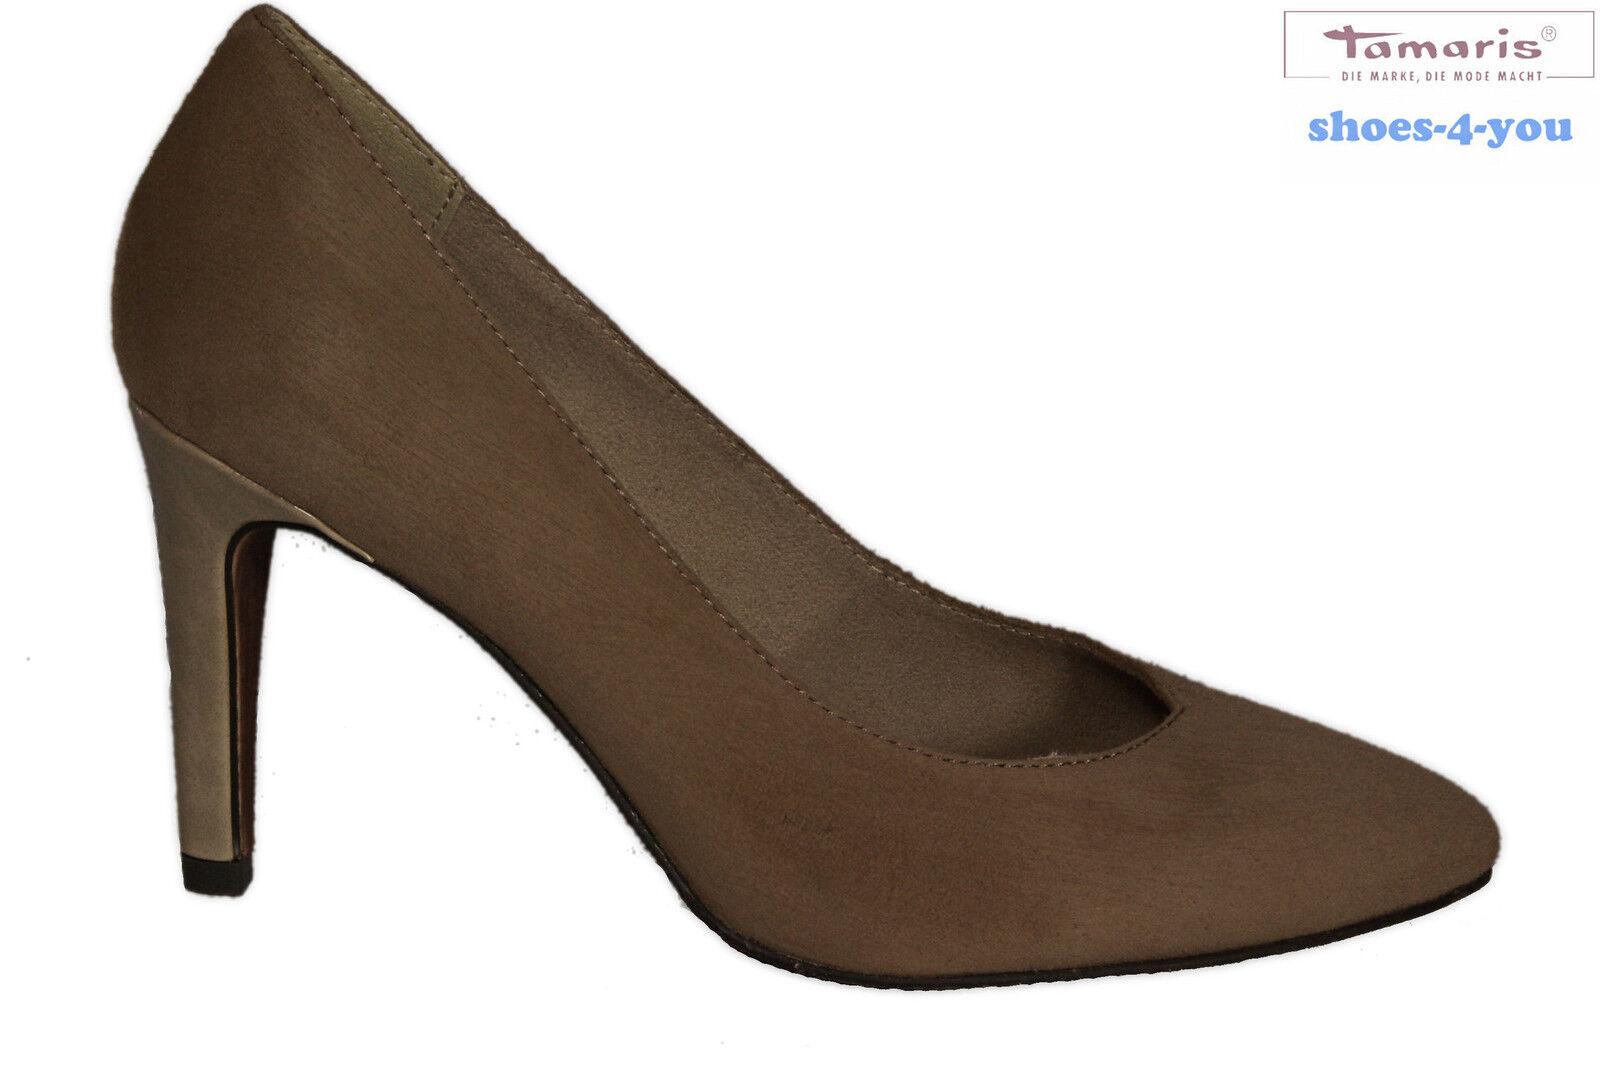 Tamaris chaussures escarpins beige en velours talons hauts pfennig paragraphe en cuir véritable neuf